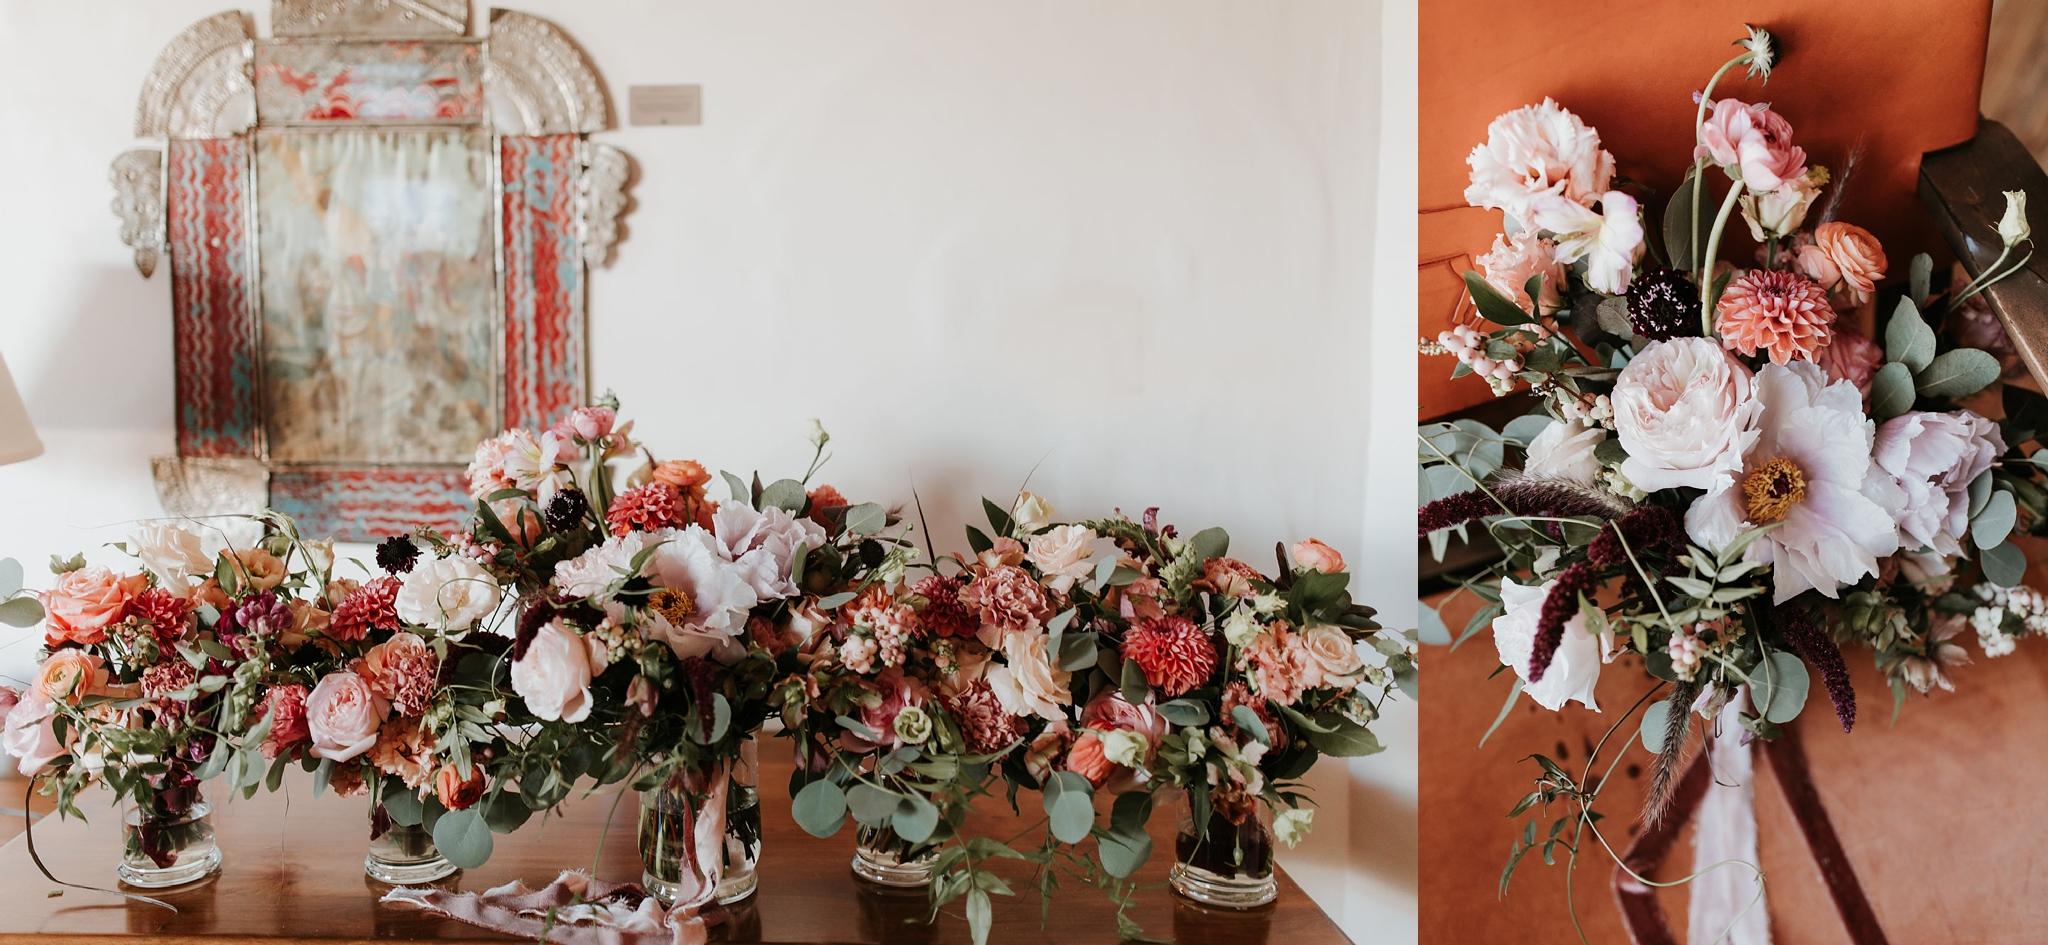 Alicia+lucia+photography+-+albuquerque+wedding+photographer+-+santa+fe+wedding+photography+-+new+mexico+wedding+photographer+-+new+mexico+florist+-+wedding+florist+-+renegade+floral_0098.jpg